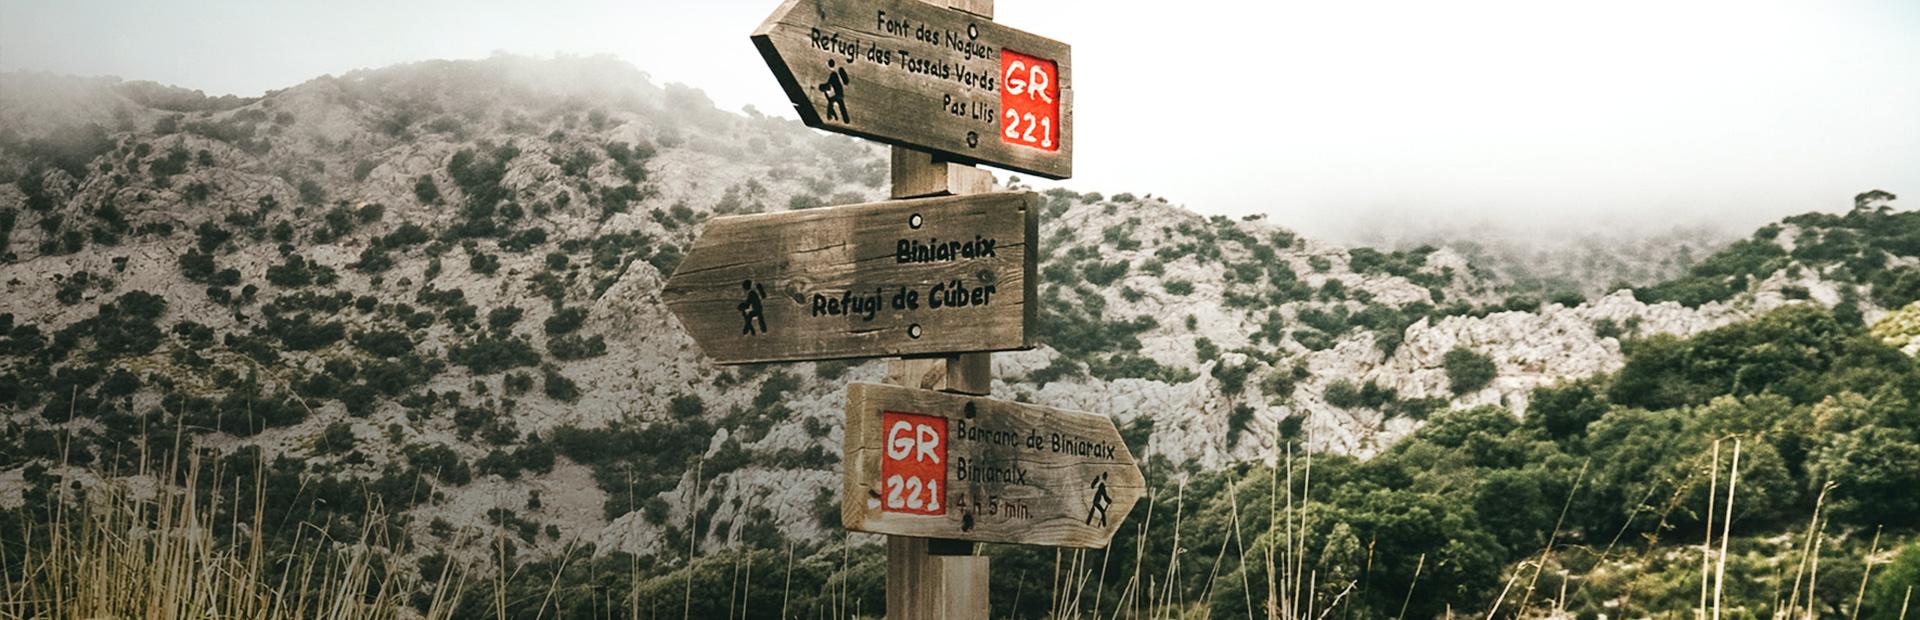 Wandern in Spanien mit erlebe-aktiv